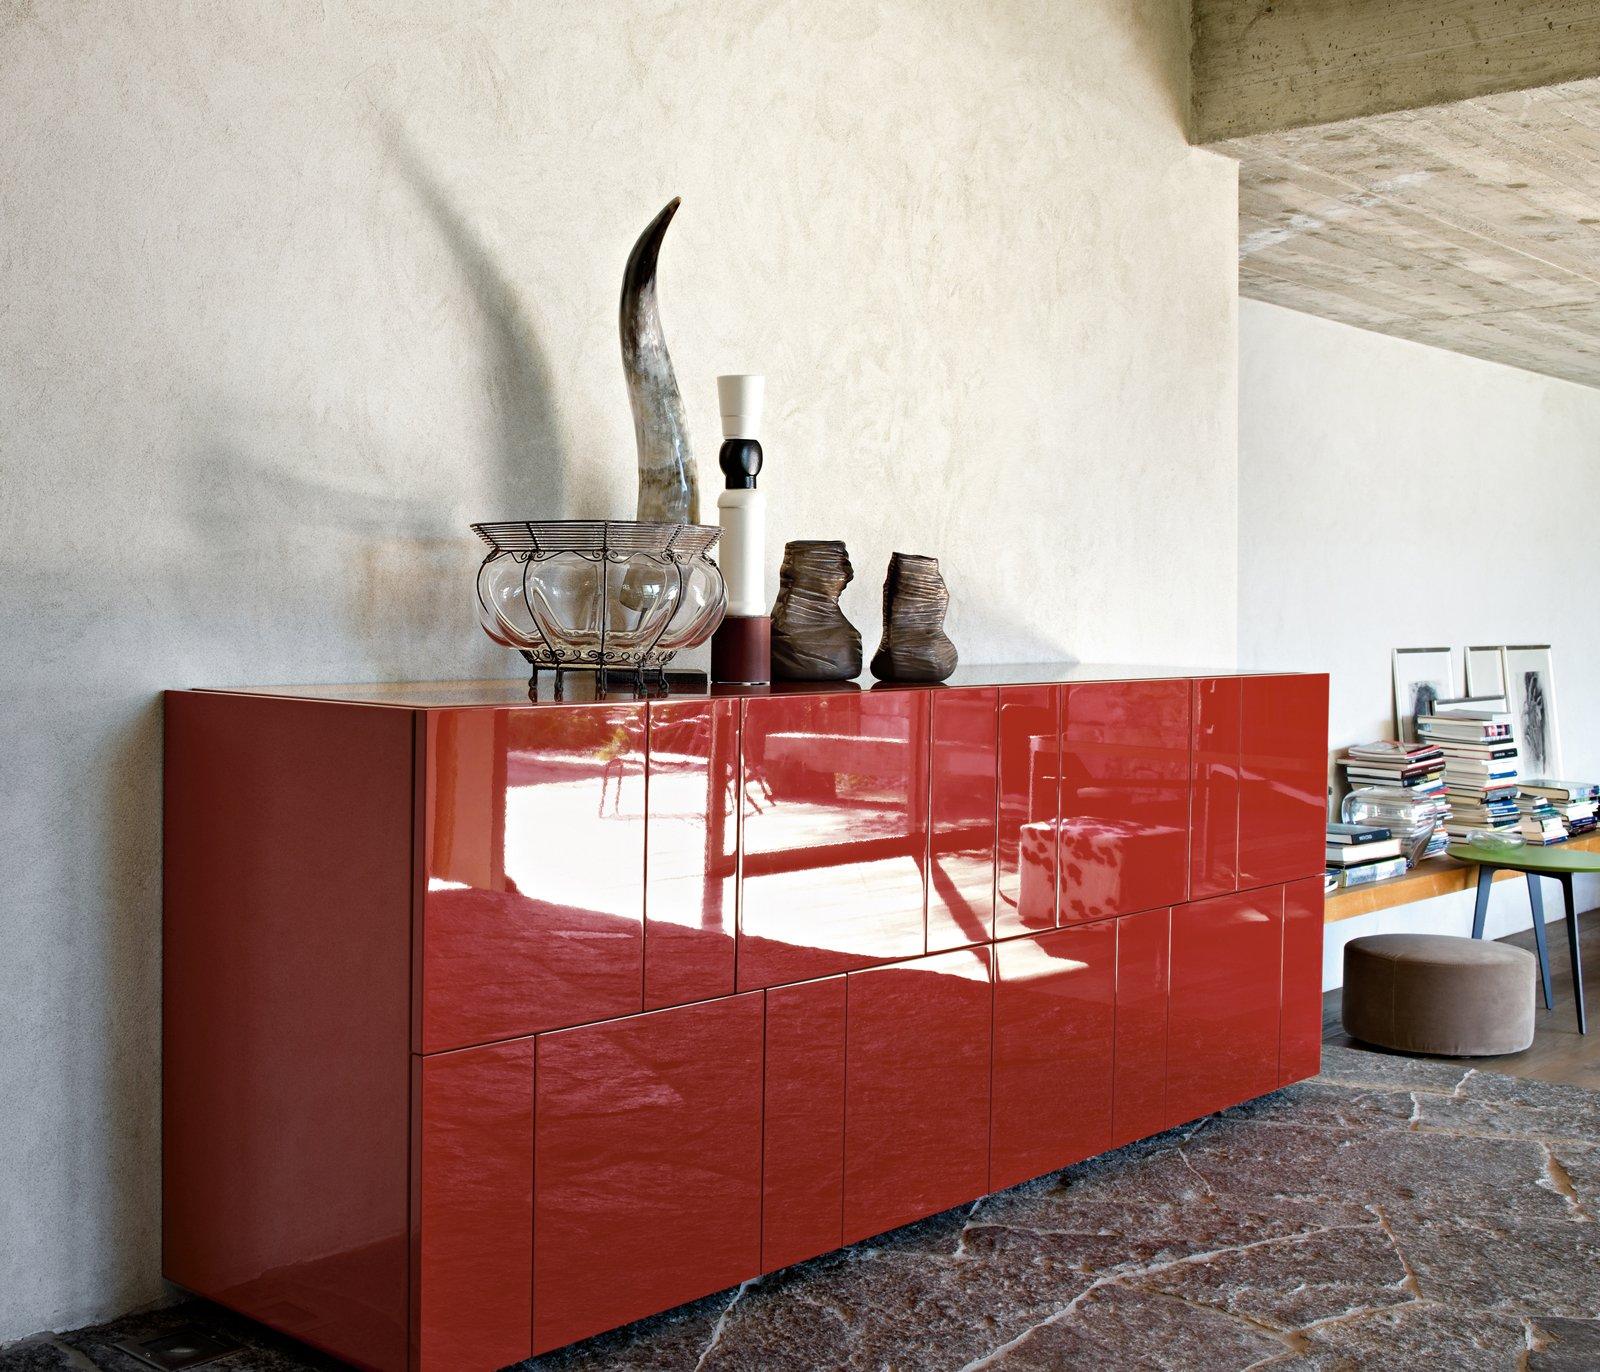 Madie cos lema le reinterpreta in chiave contemporanea for Mobili soggiorno colorati